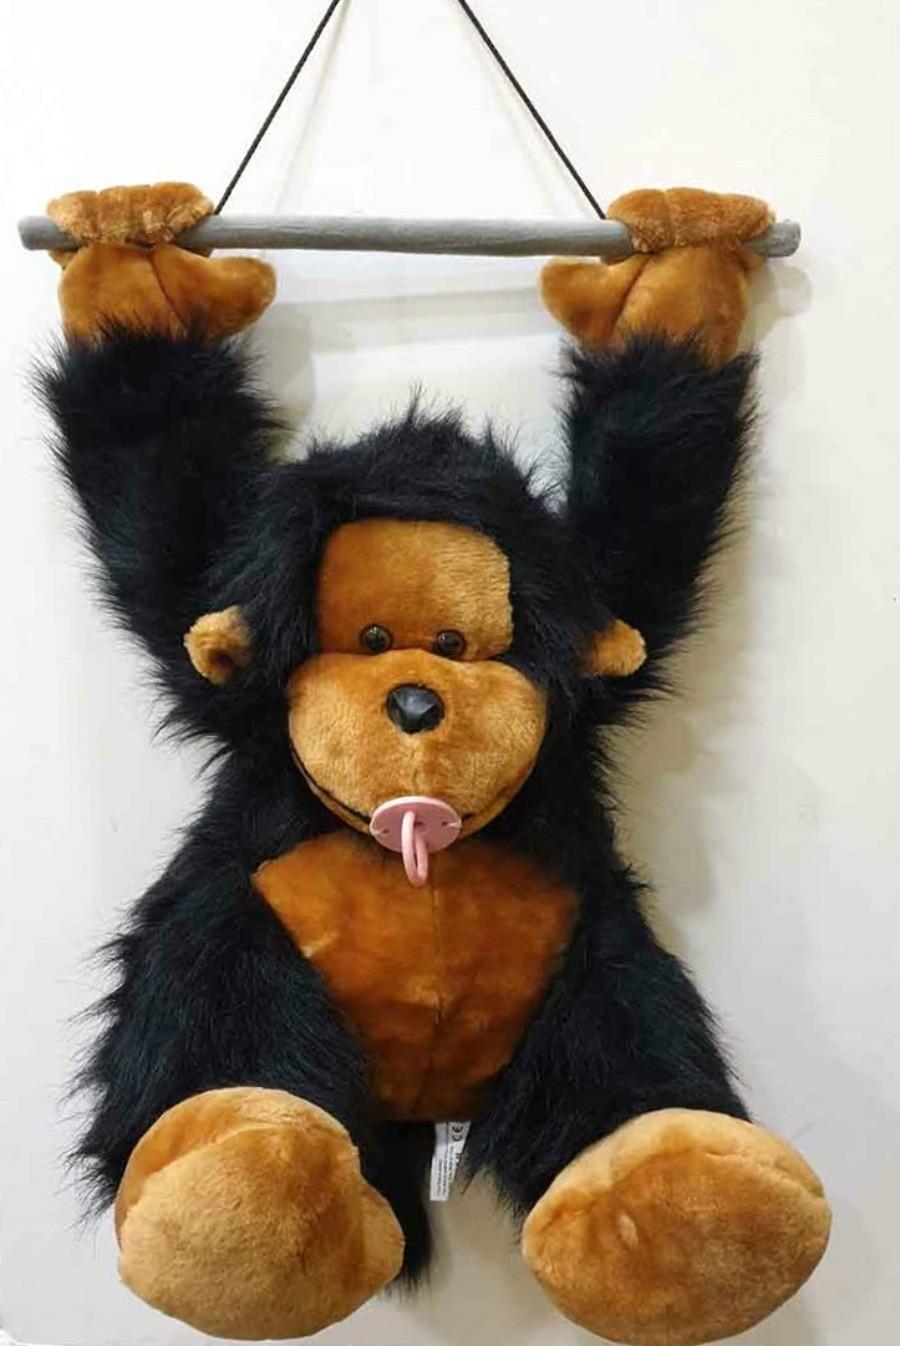 αρκουδάκια λούτρινα μεγάλα Λούτρινο μωρό χιμπατζής κρεμαστό σε 2 χρώματα 94 εκ.